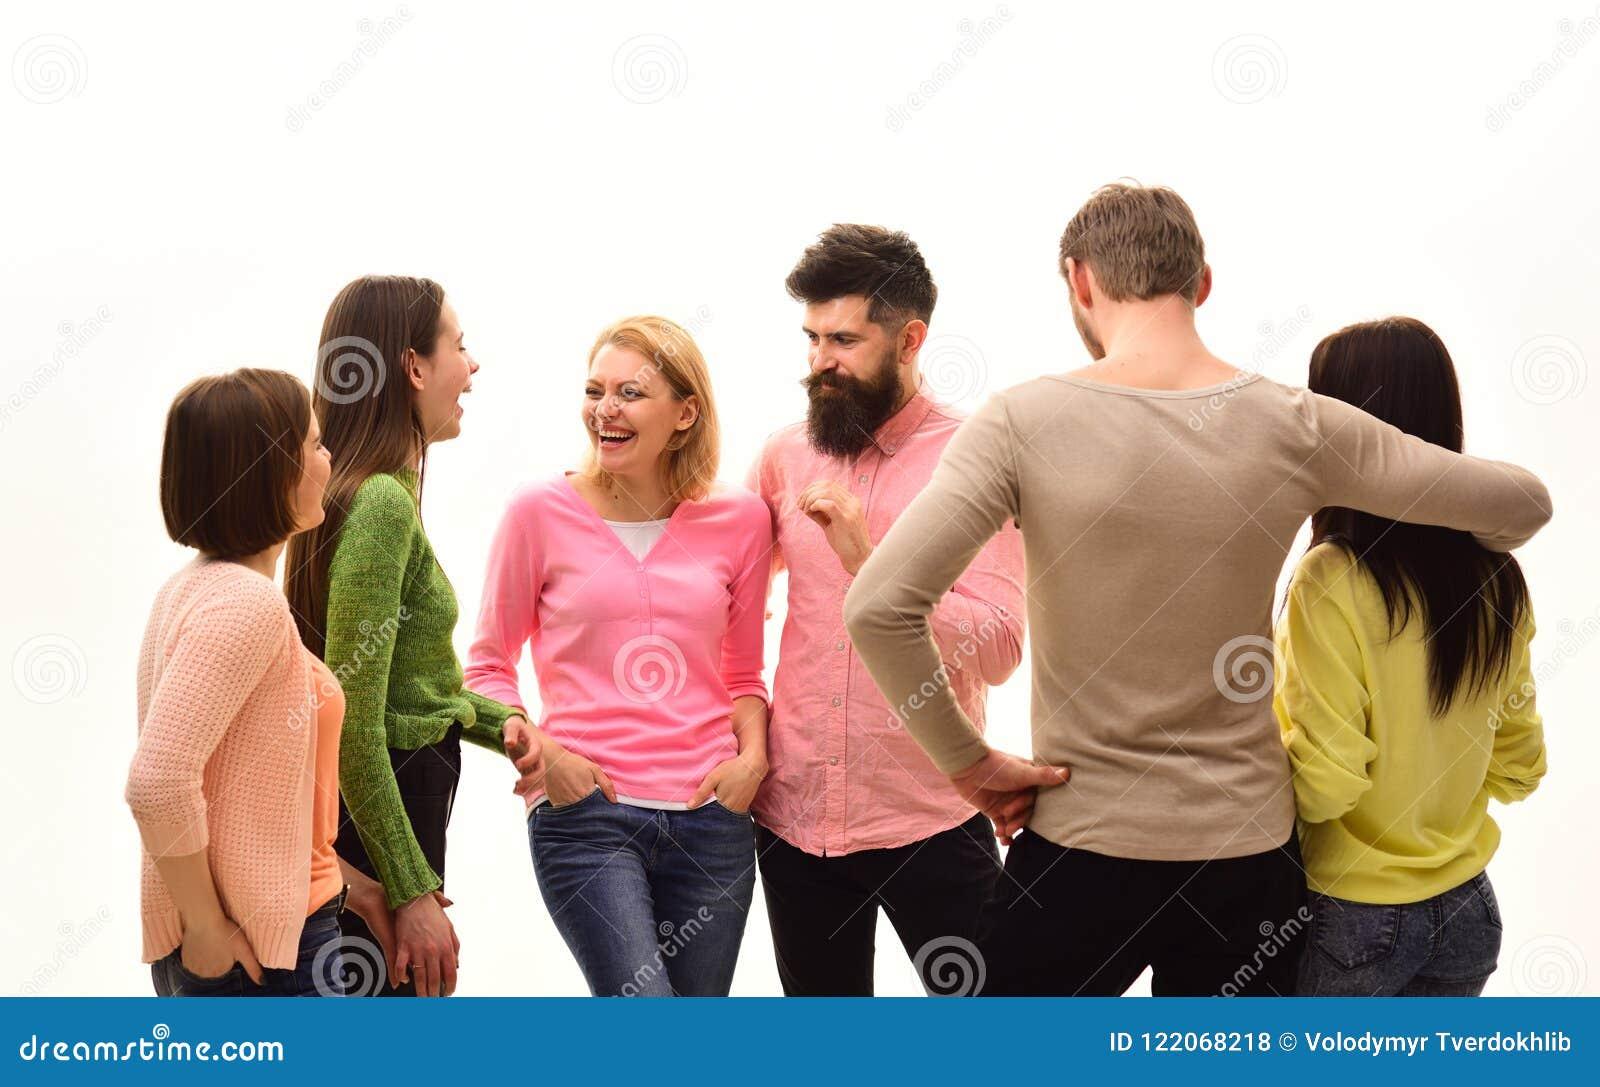 黑色通信概念收货人电话 青年时期,朋友和夫妇讲话 青年人一起花费休闲,快乐的公司垂悬